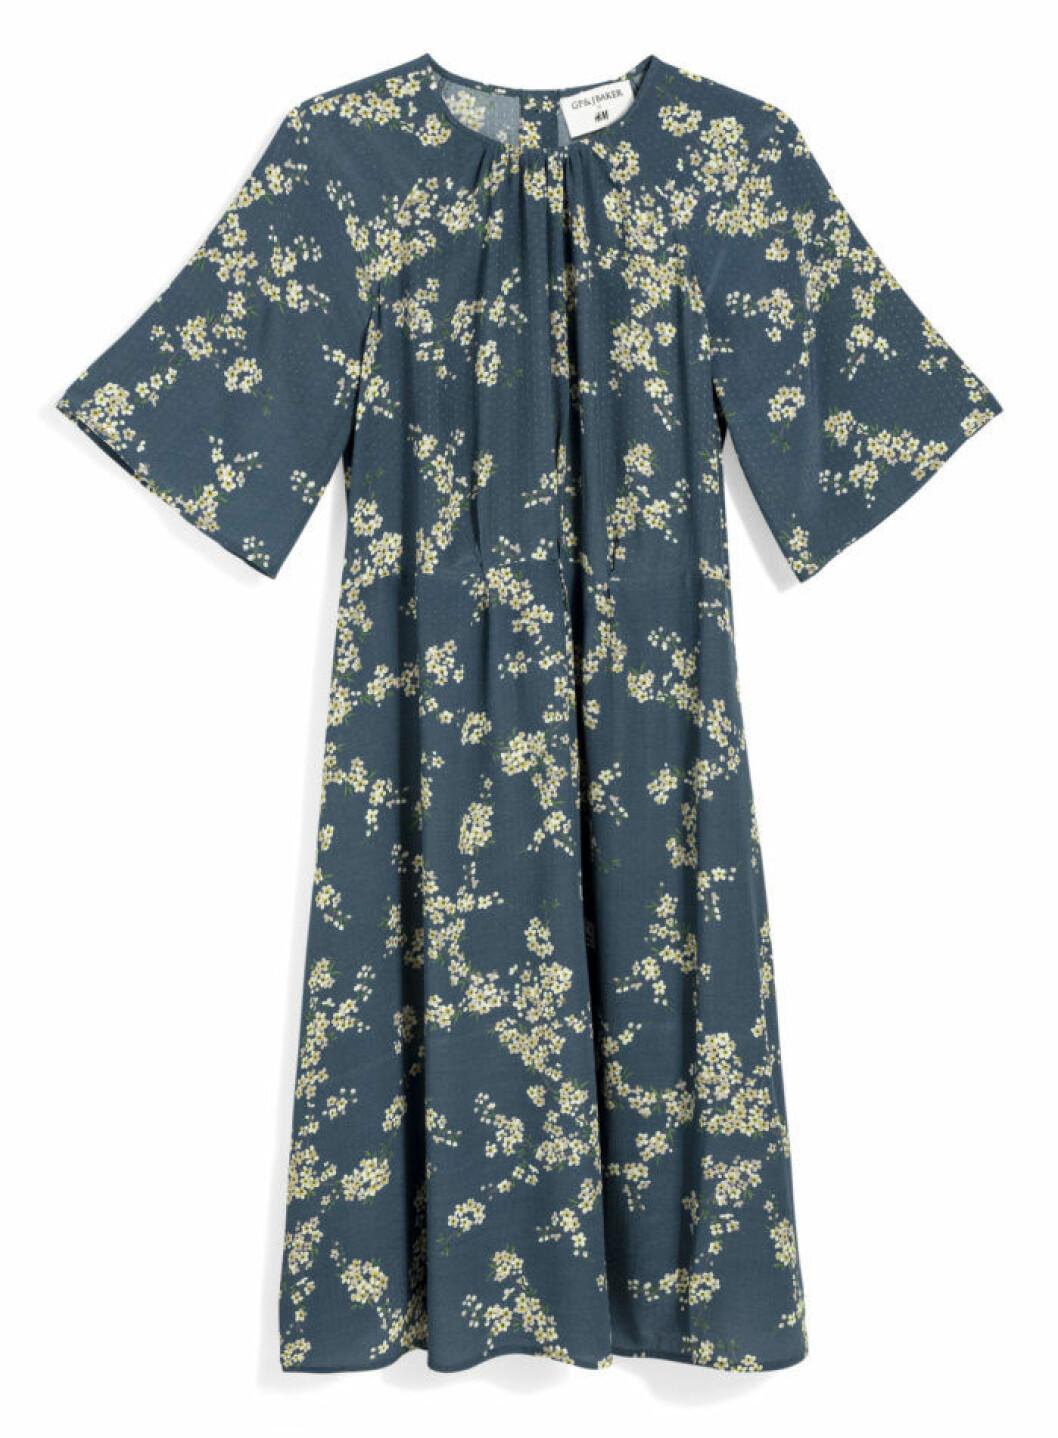 H&M GP & J Baker petrolmönstrad klänning